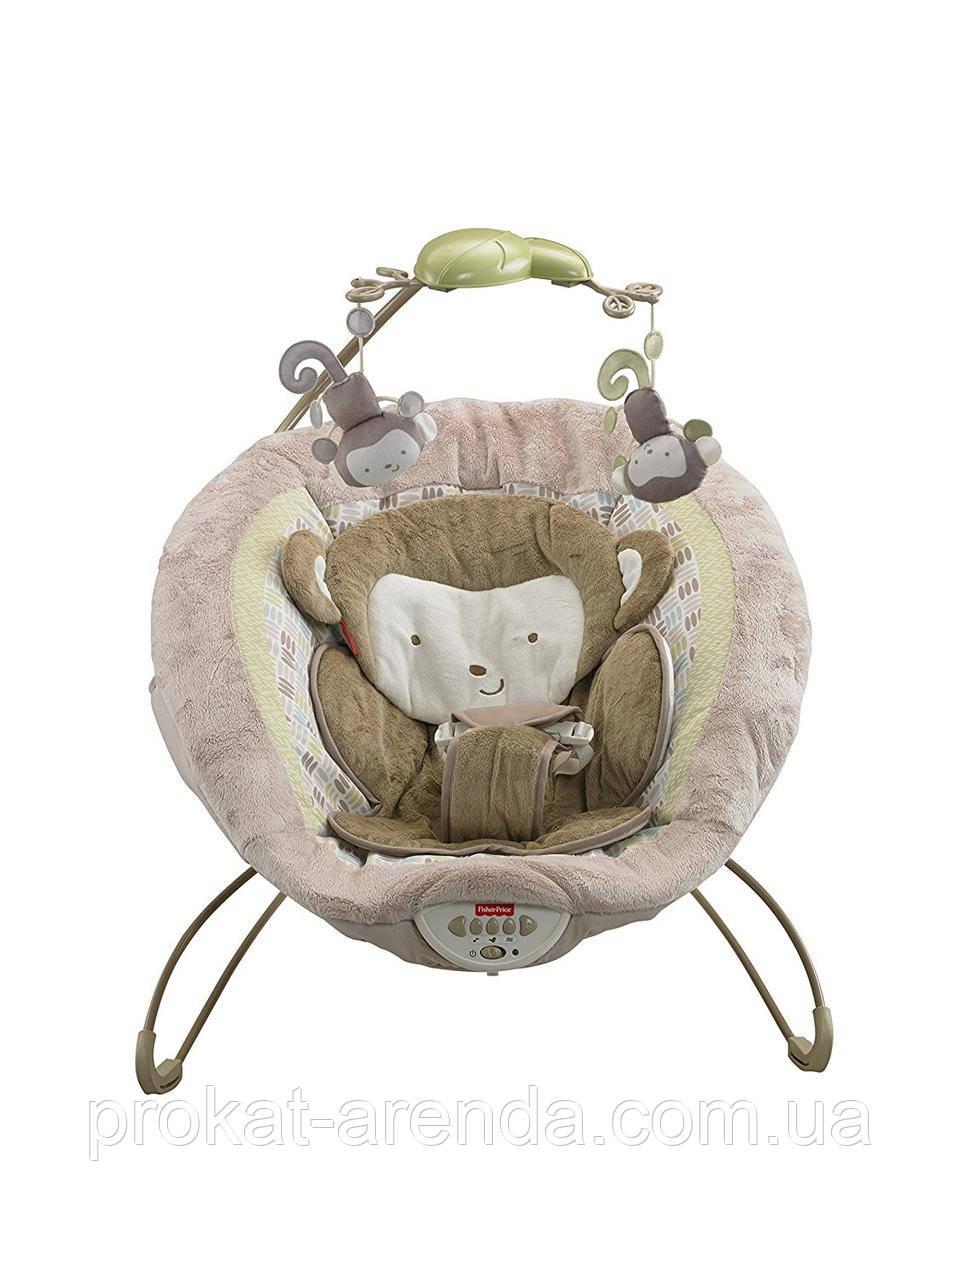 """Шезлонг для новорожденного Fisher-Price """"Моя маленькая обезьянка"""""""